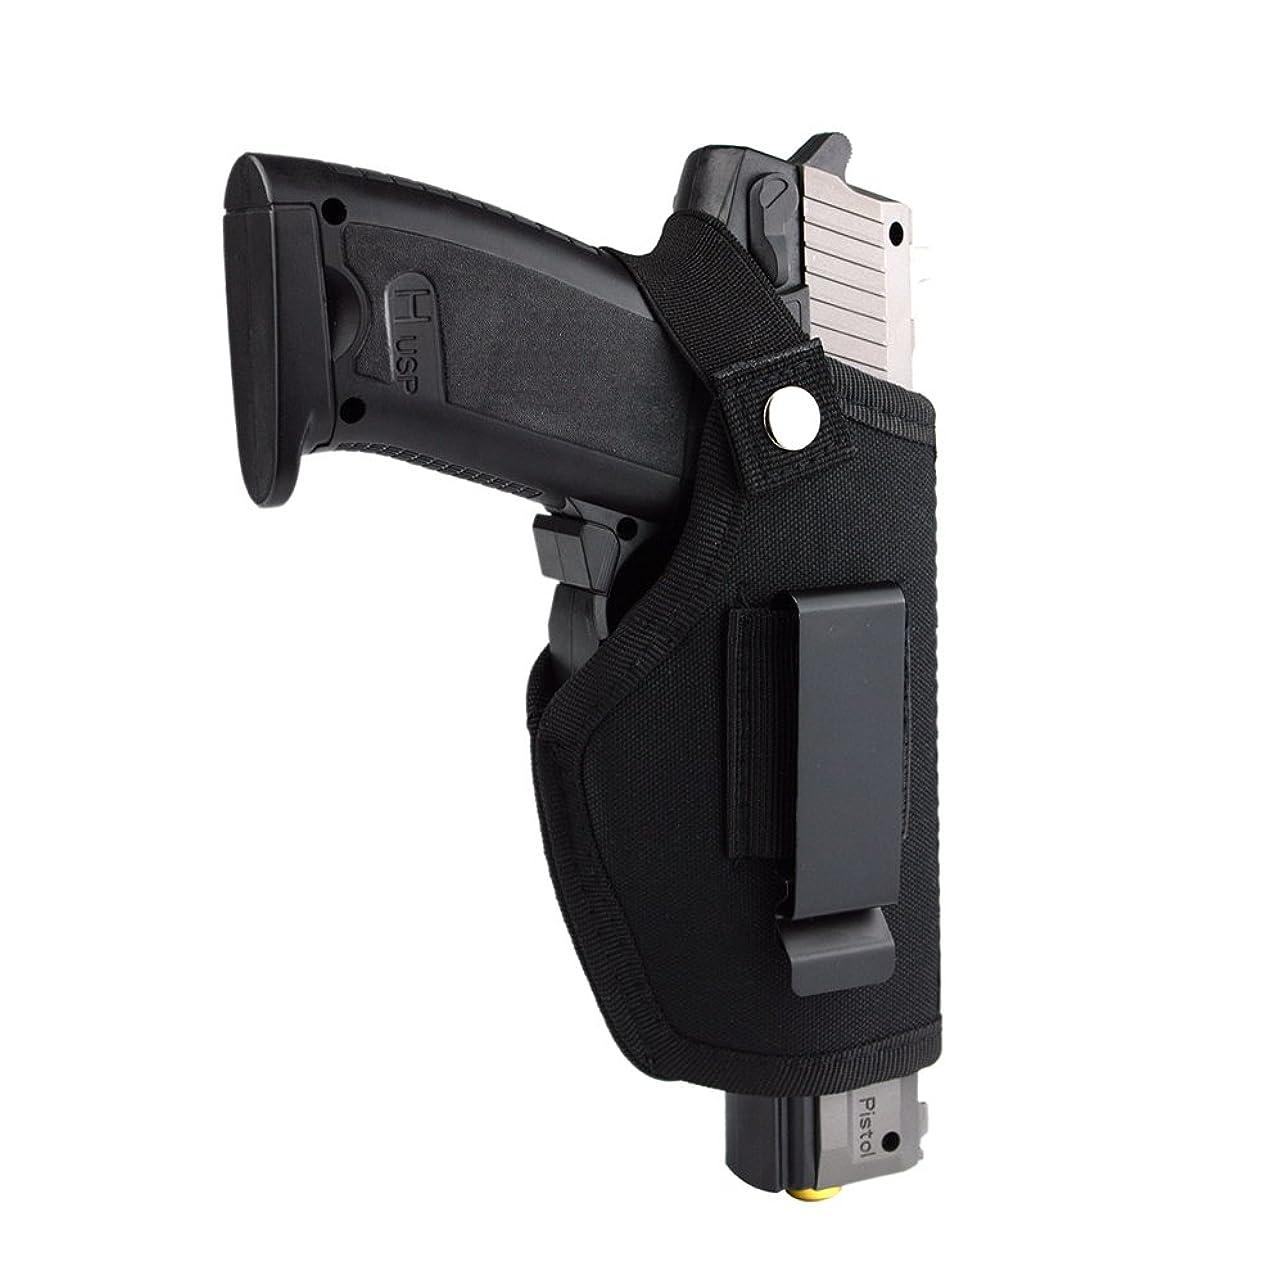 アルバニーキュービックジェムSRU Glock PDWハンドガードエクステンション